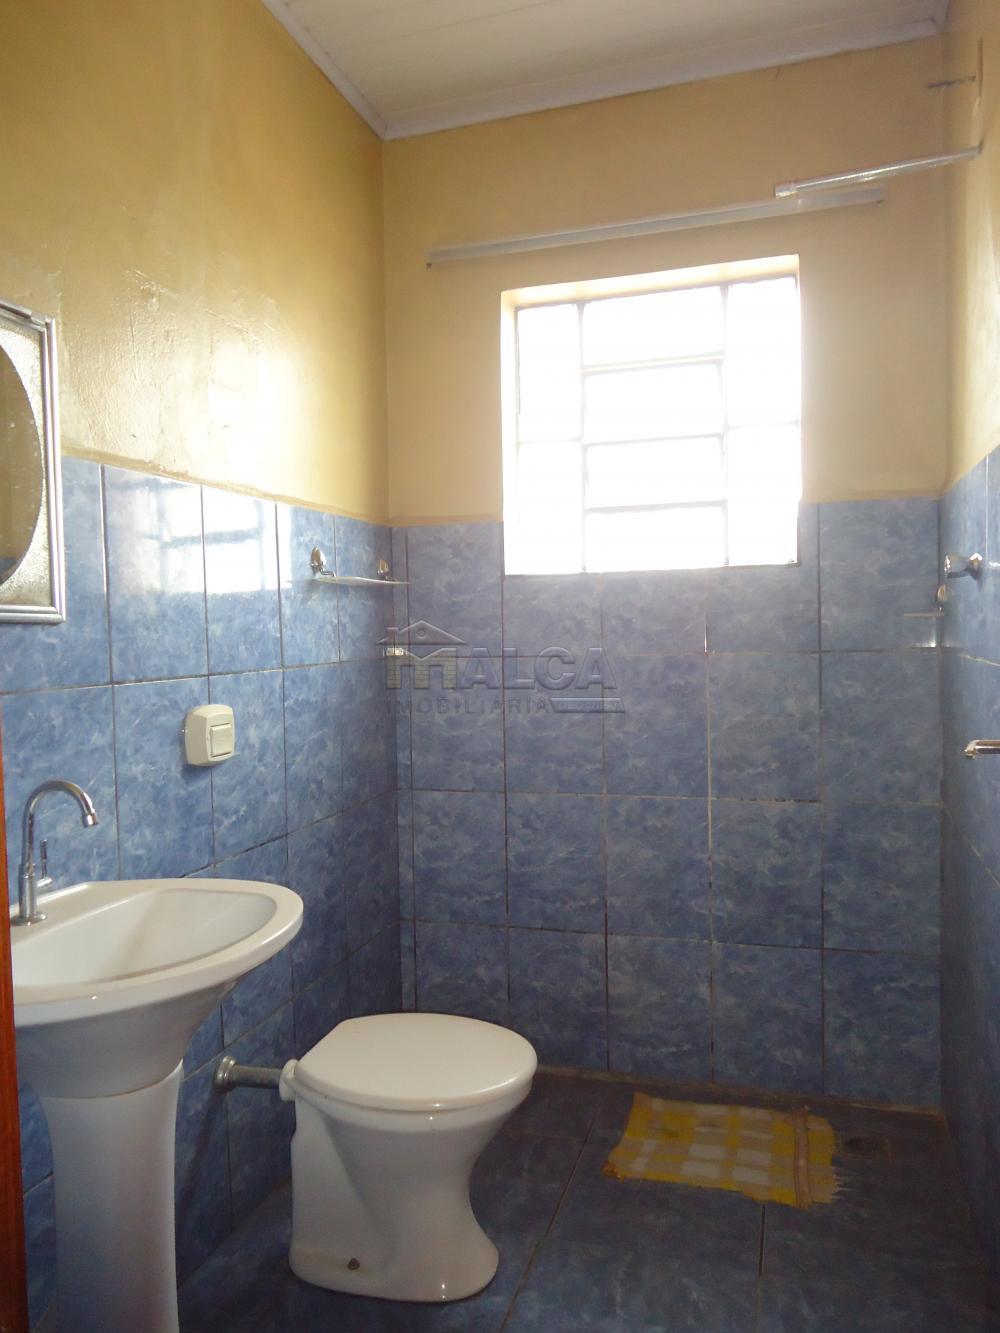 Alugar Casas / Padrão em São José do Rio Pardo apenas R$ 770,00 - Foto 11